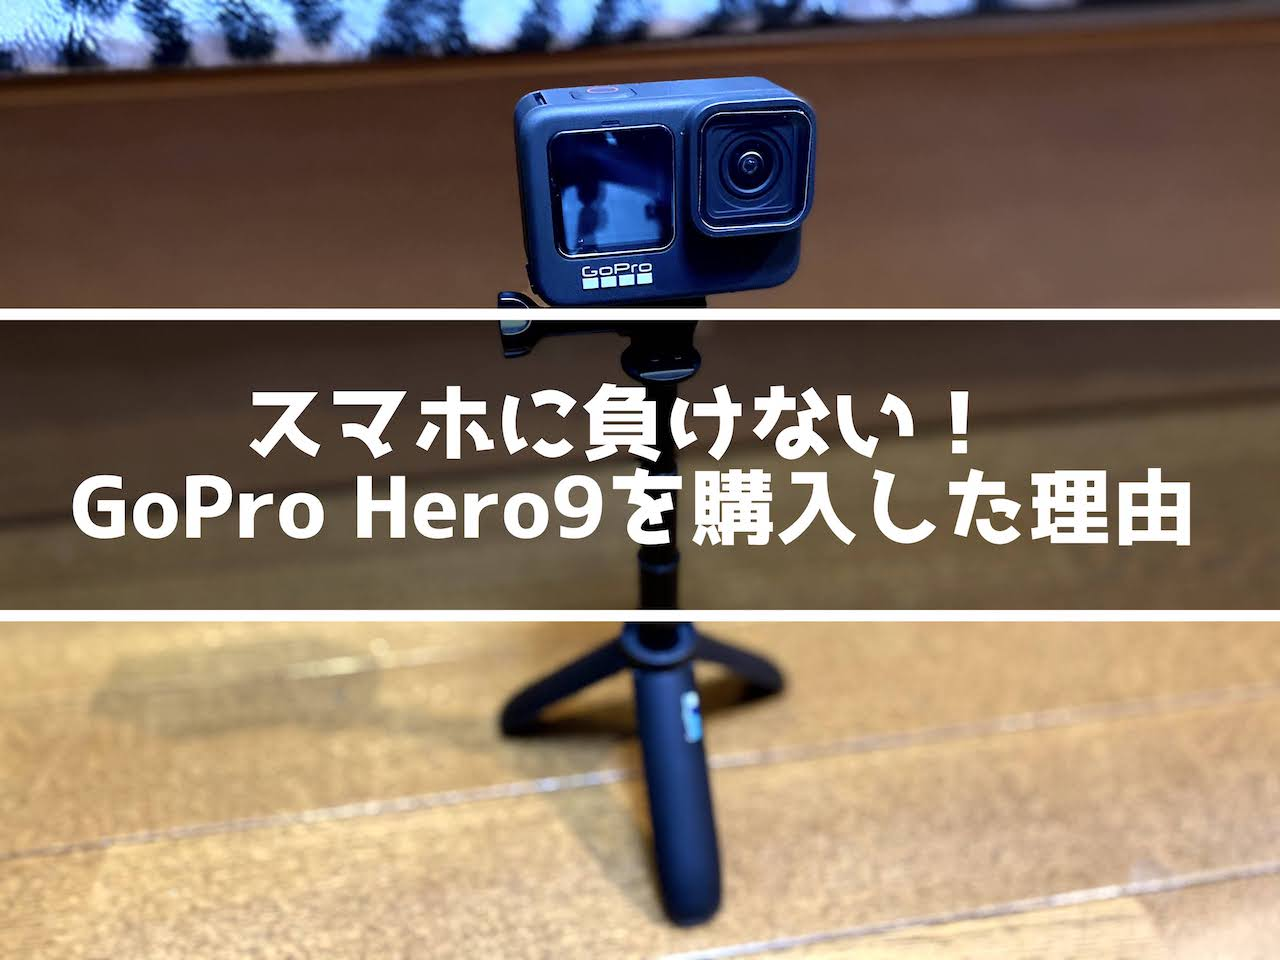 GoPro Hero9を購入した理由